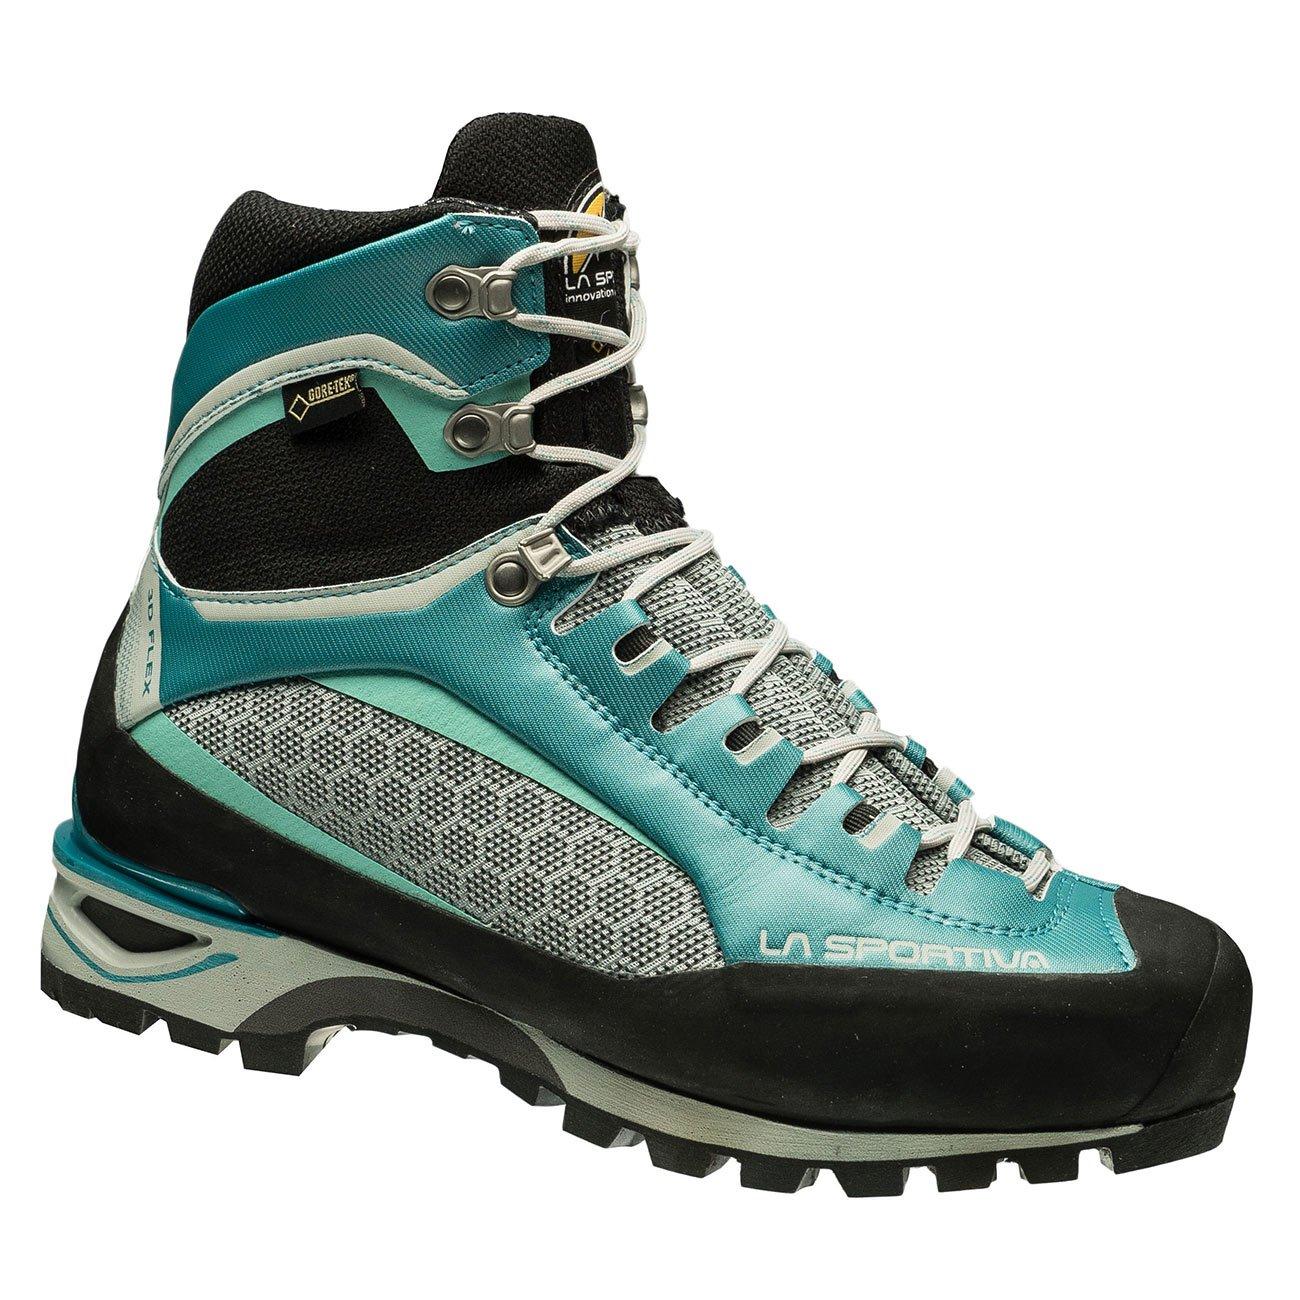 La Sportiva Trango Tower Gtx Shoes for woman | La Sportiva®